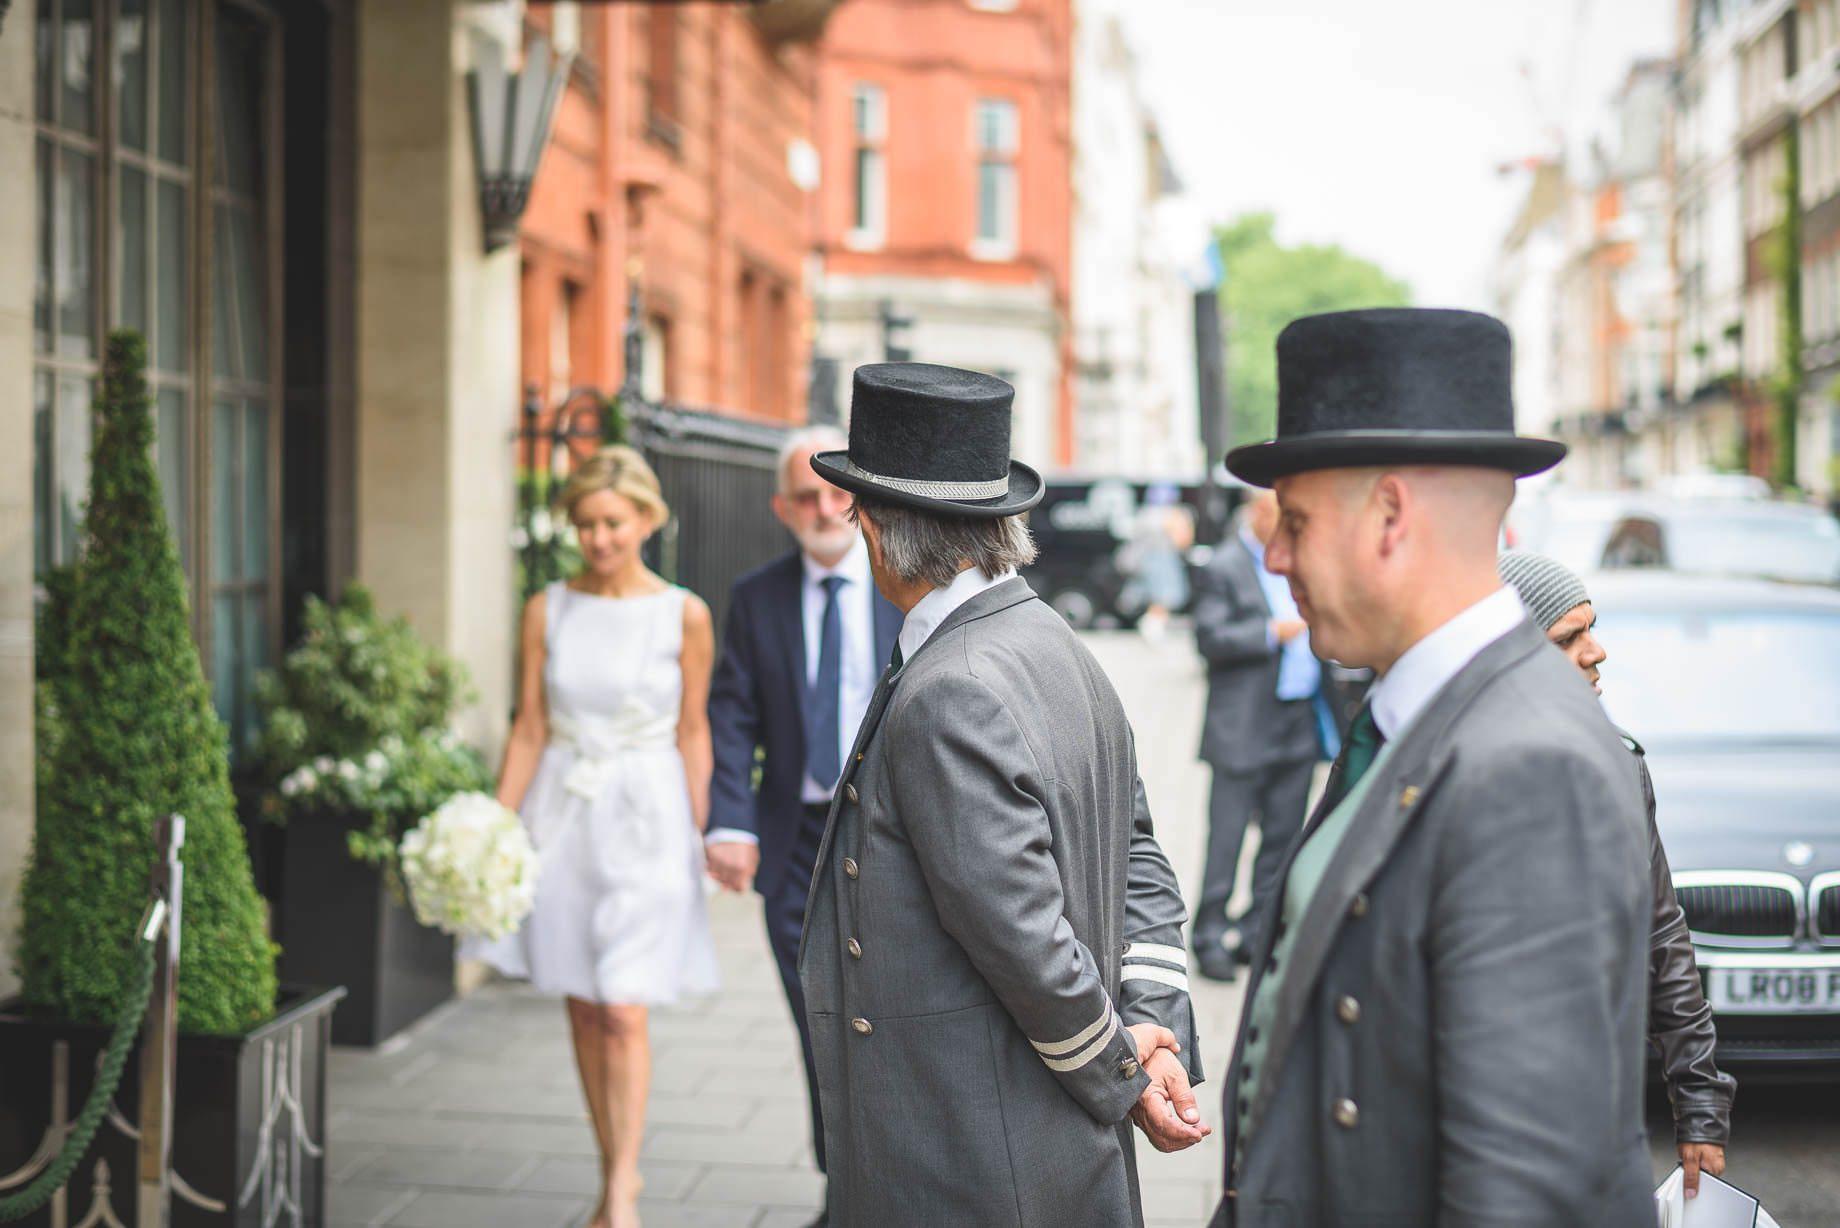 Mayfair wedding photography - Allison and Eugene (63 of 94)